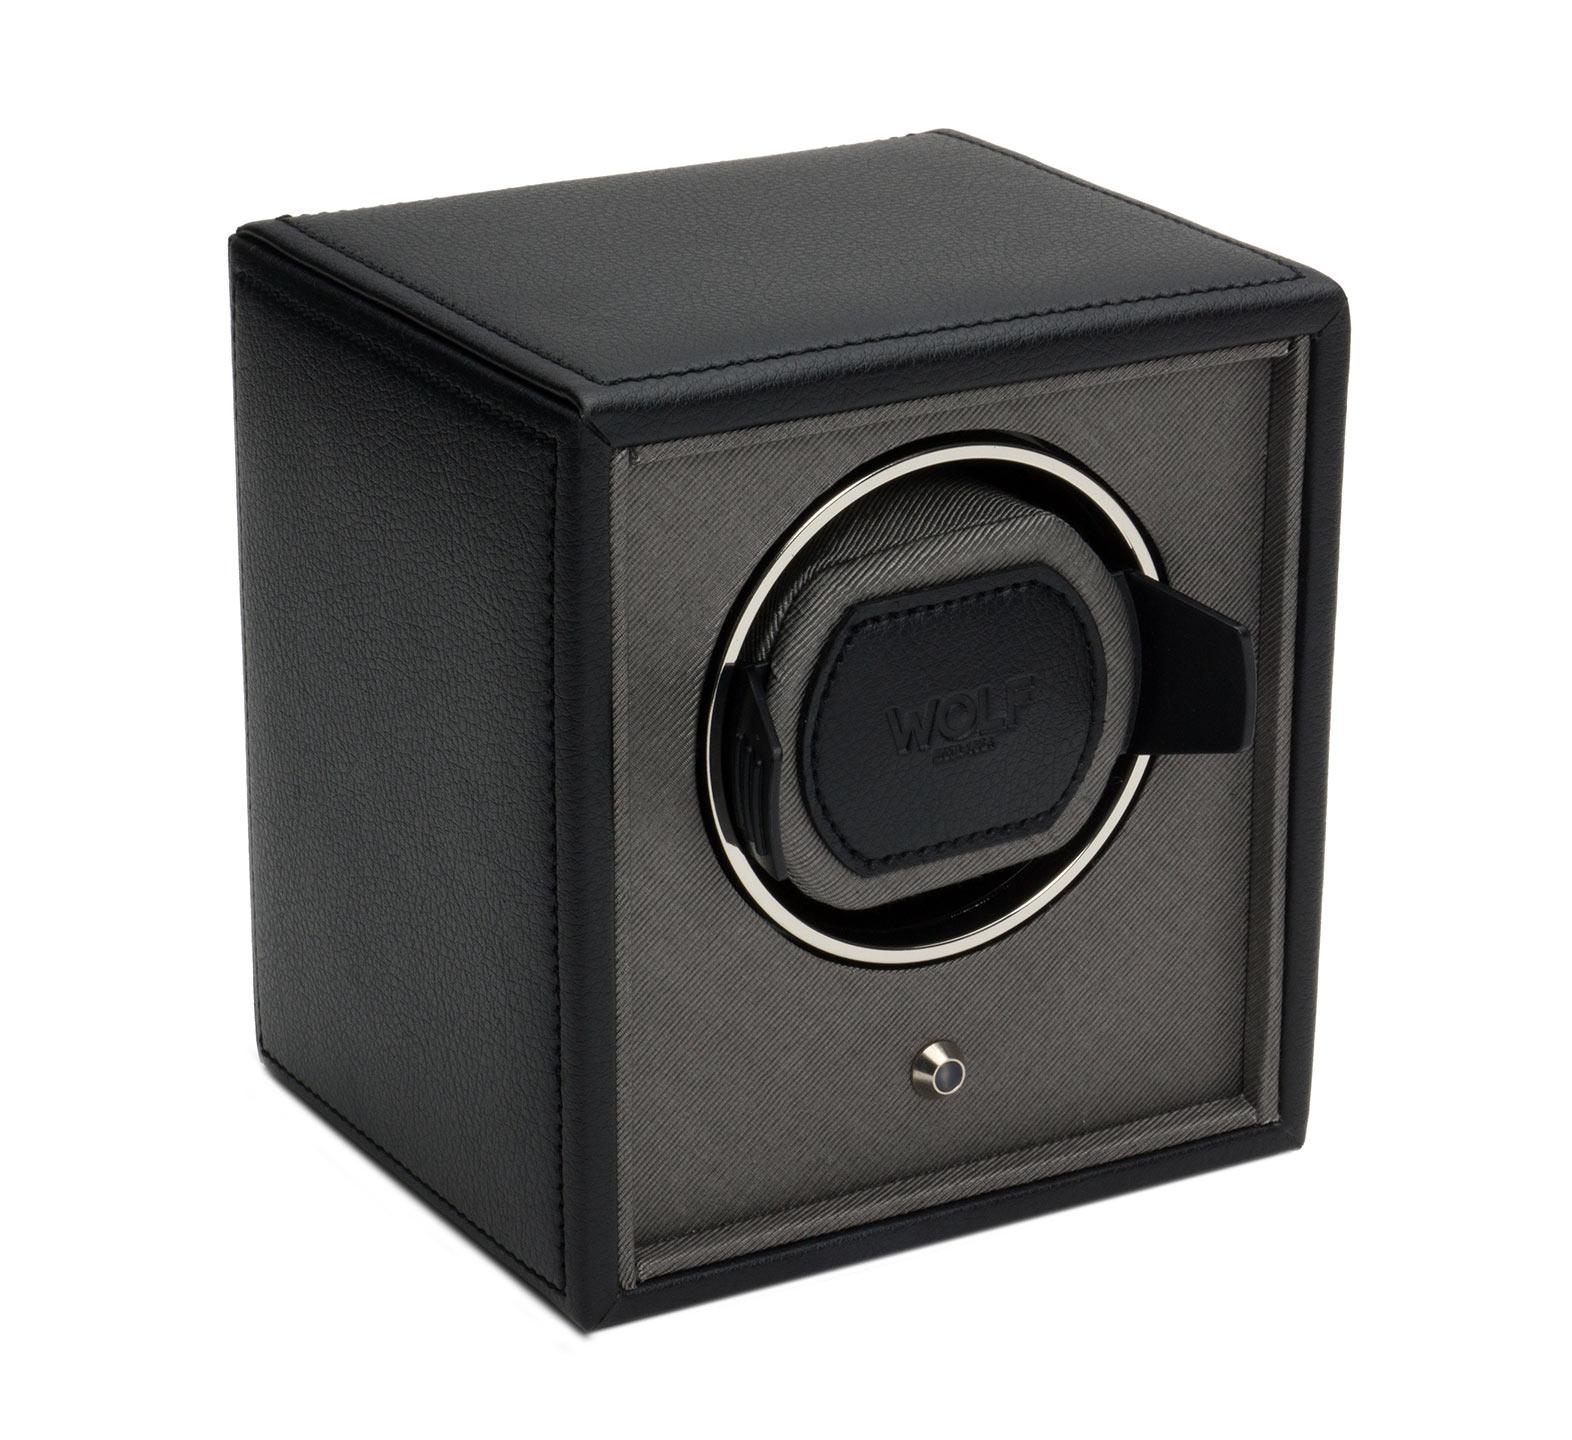 WOLF 455203 Шкатулка для автоподзавода часов WOLF из коллекции Cube